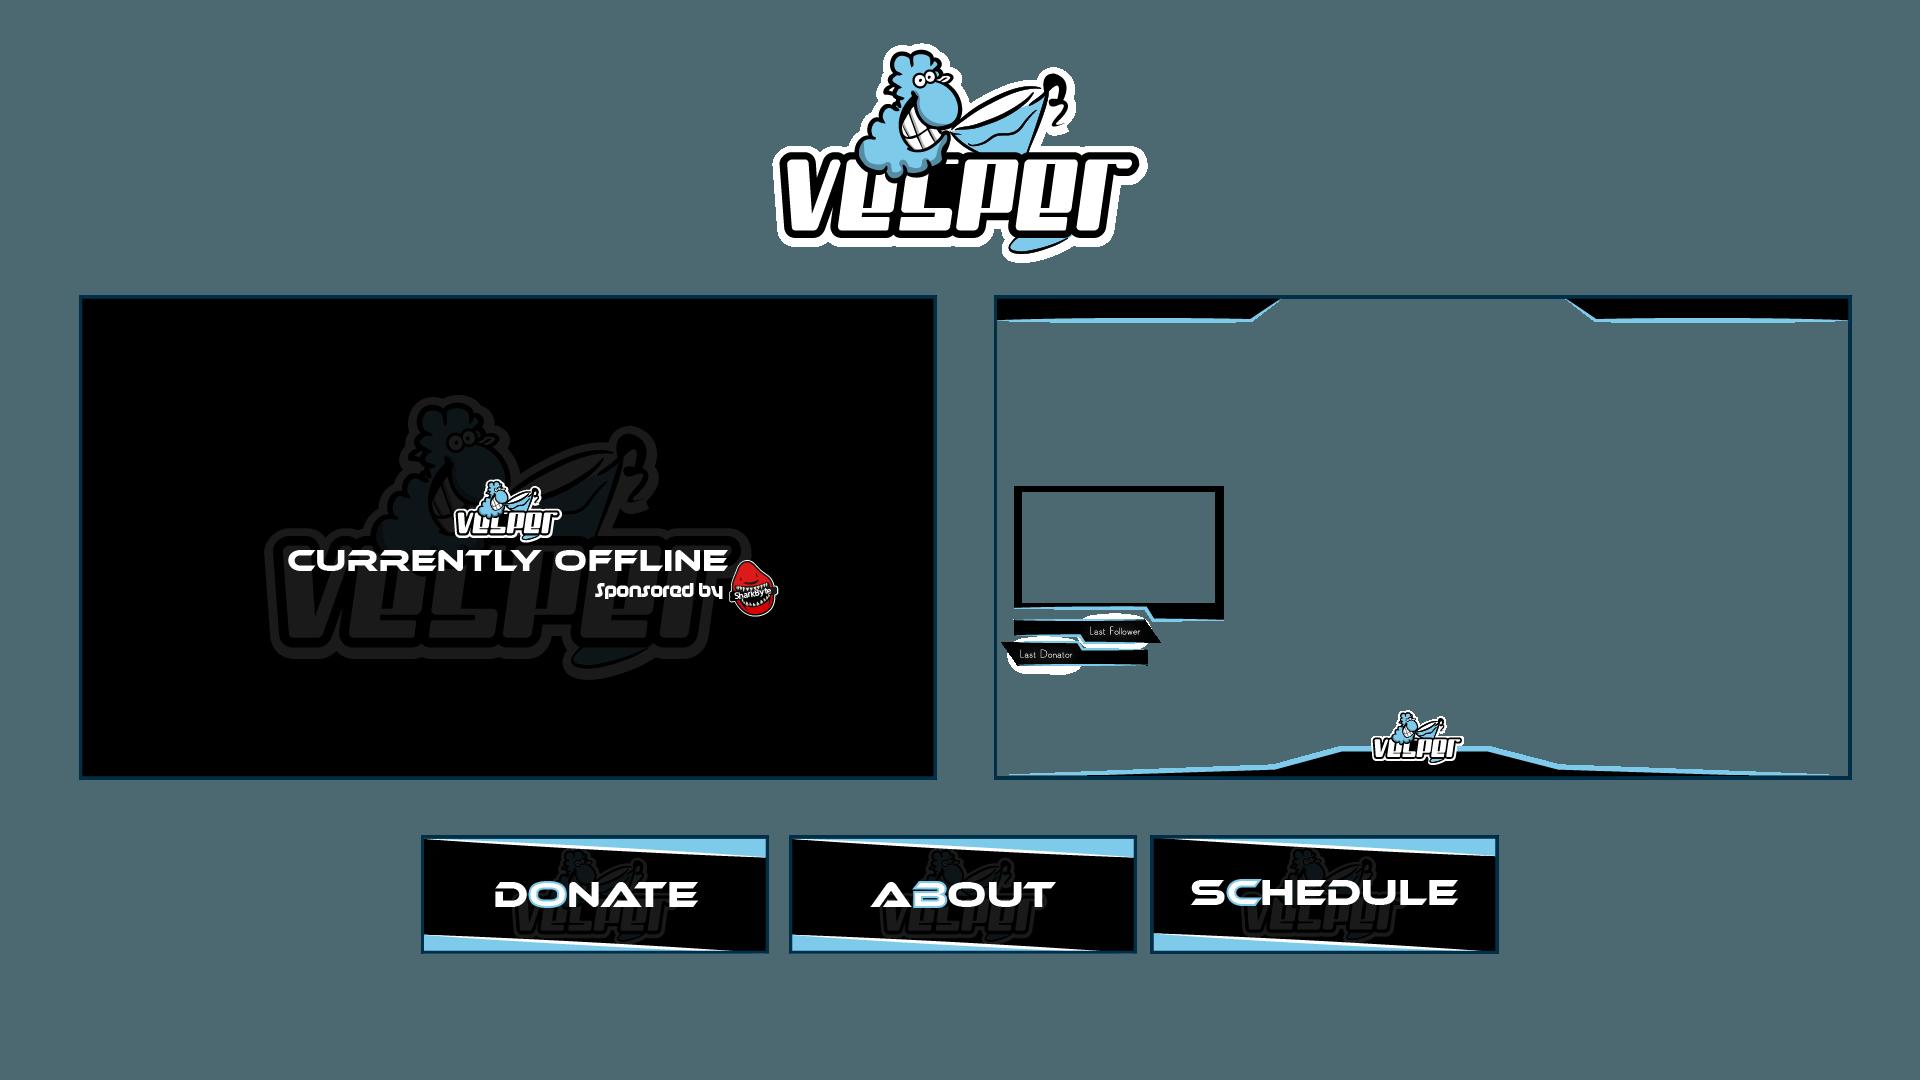 Vesper Twitch Channel Design